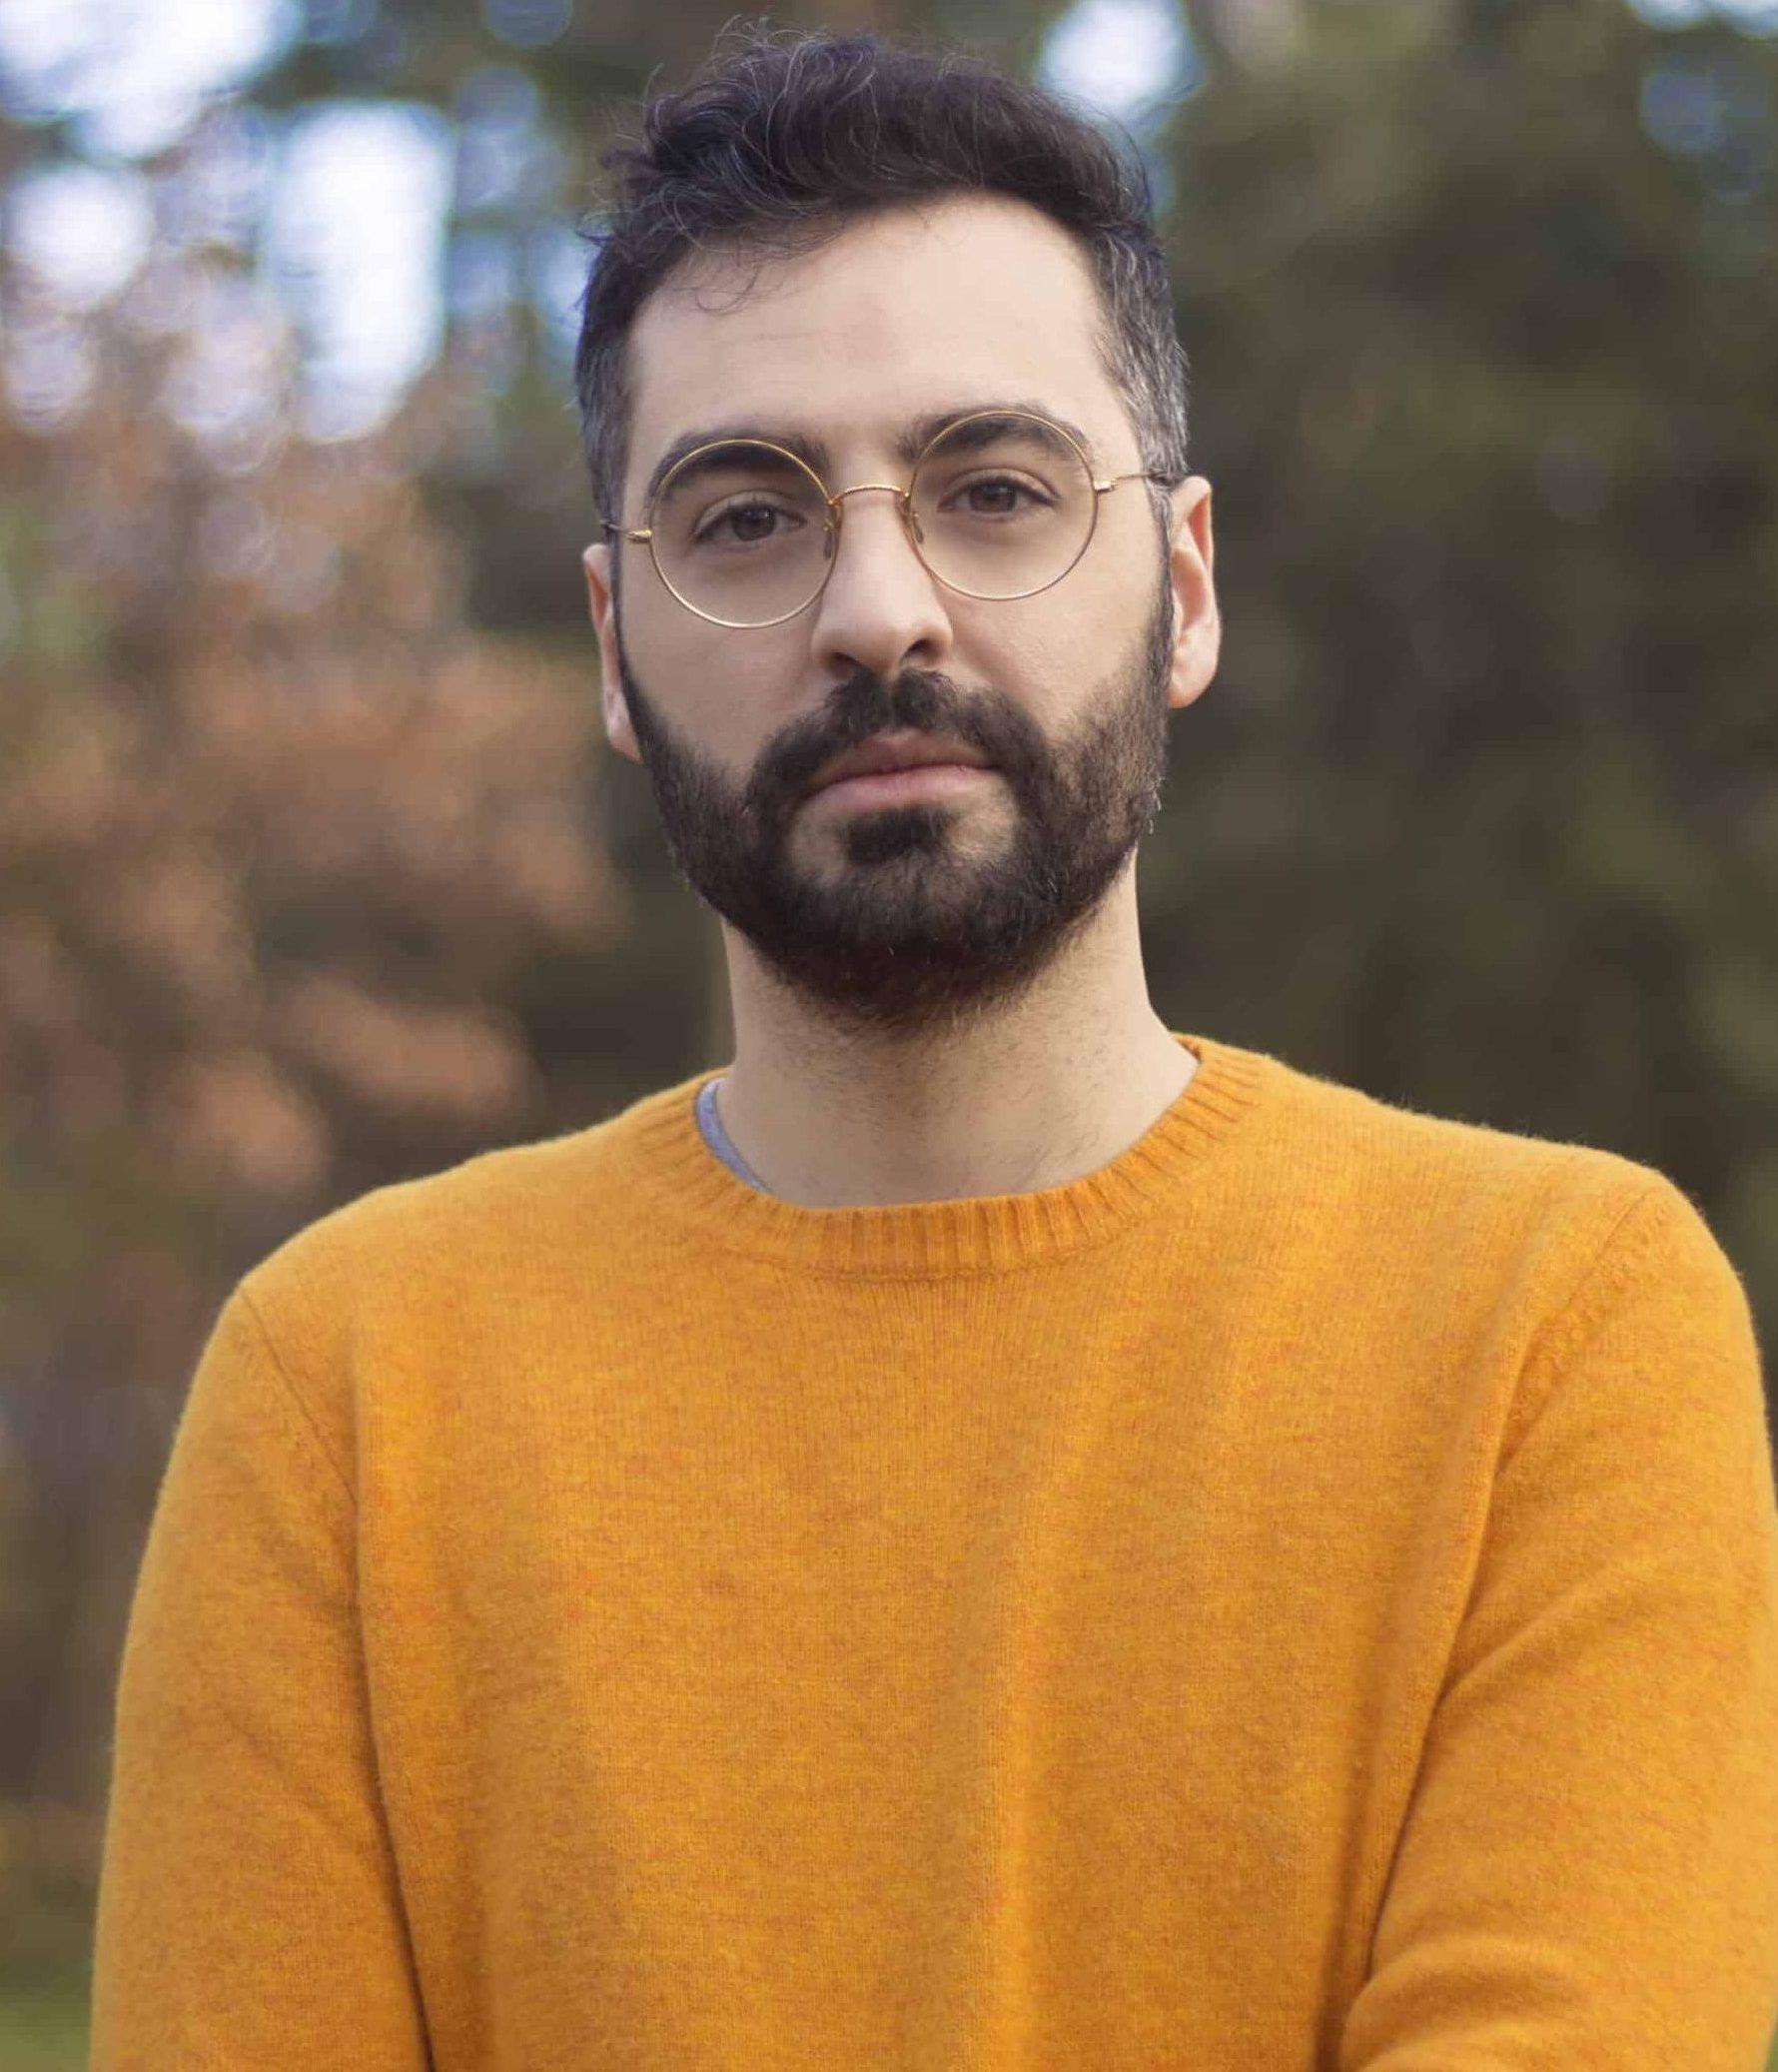 Adriano Spamanato